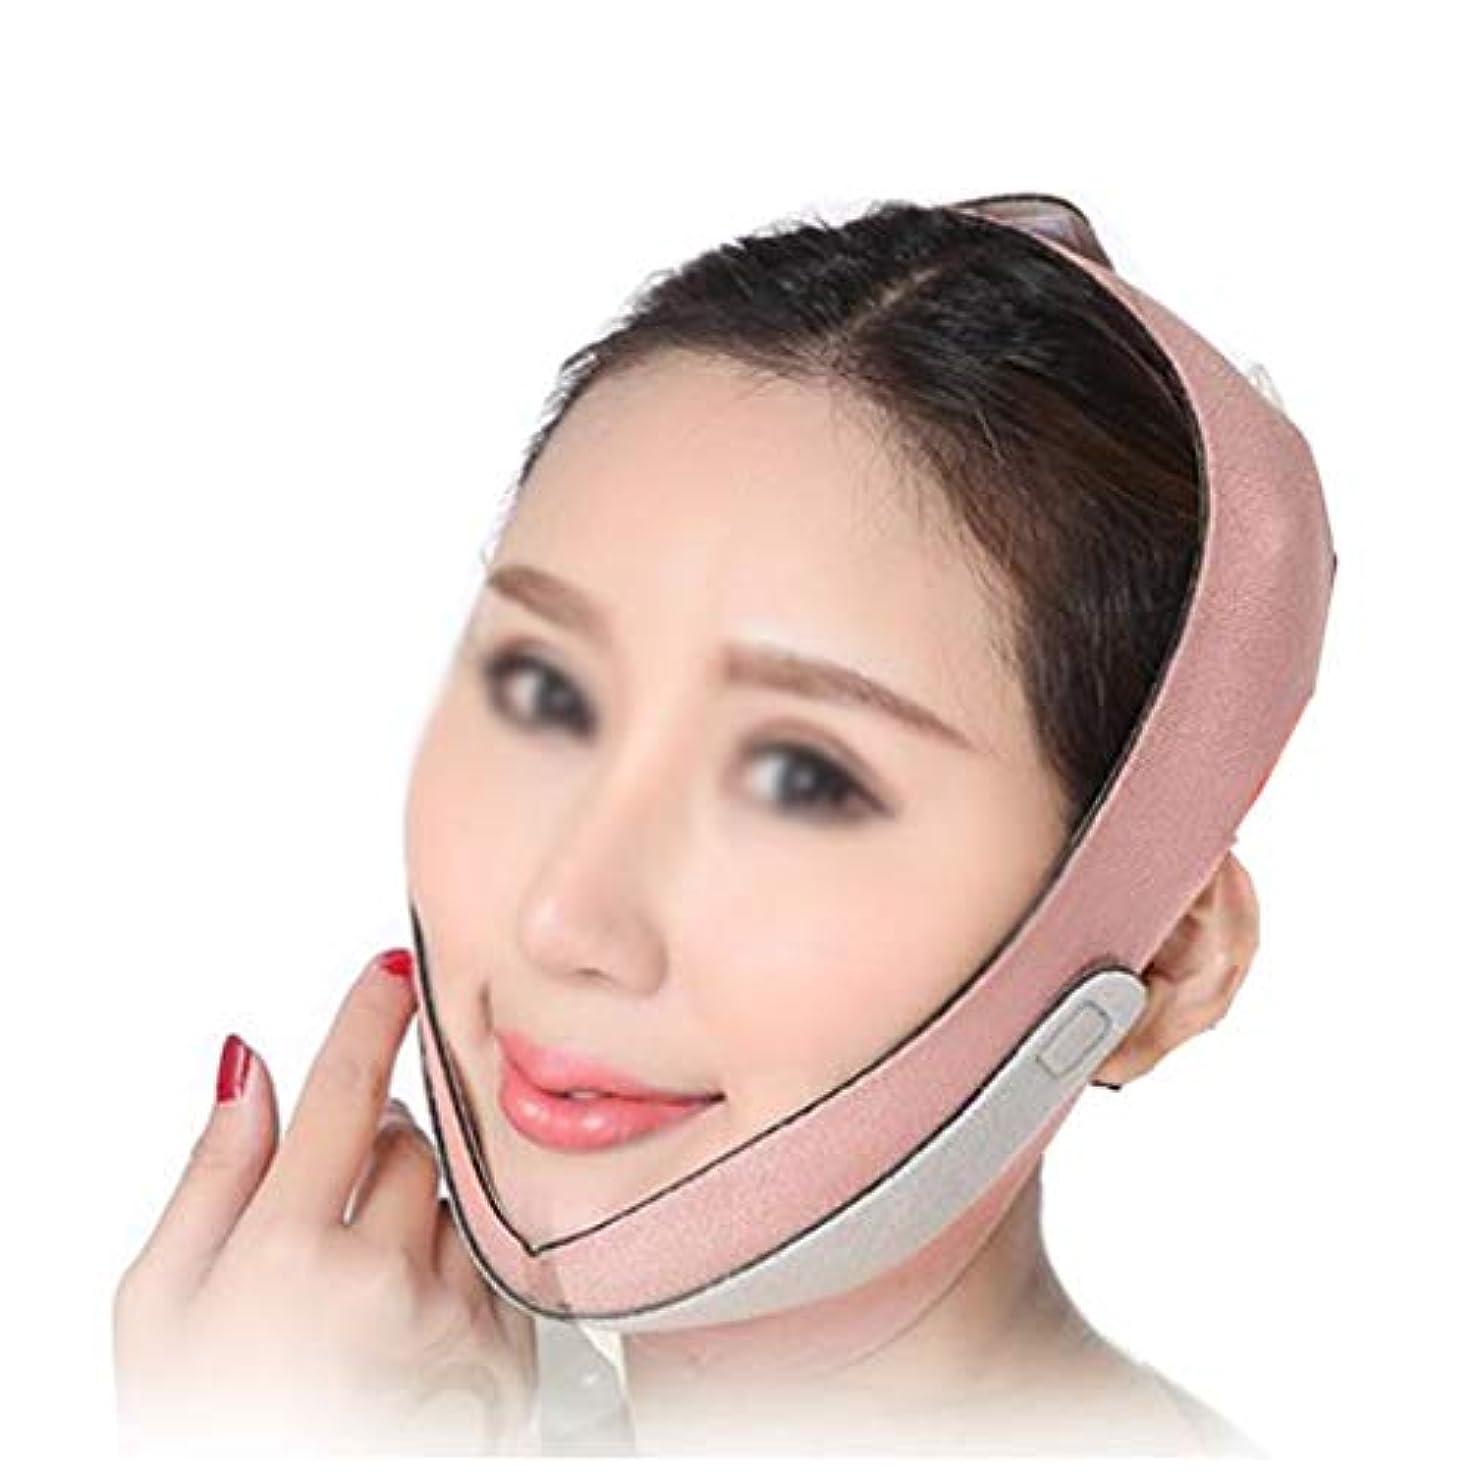 月曜日アウトドア配管ZWBD フェイスマスク, フェイスリフティングマスクフェイスリフティングツールを備えたVフェイスの薄い顔3Dフェイスリフティングフェイスリフティング包帯フェイスリフティングデバイスフェイスリフティングマシン